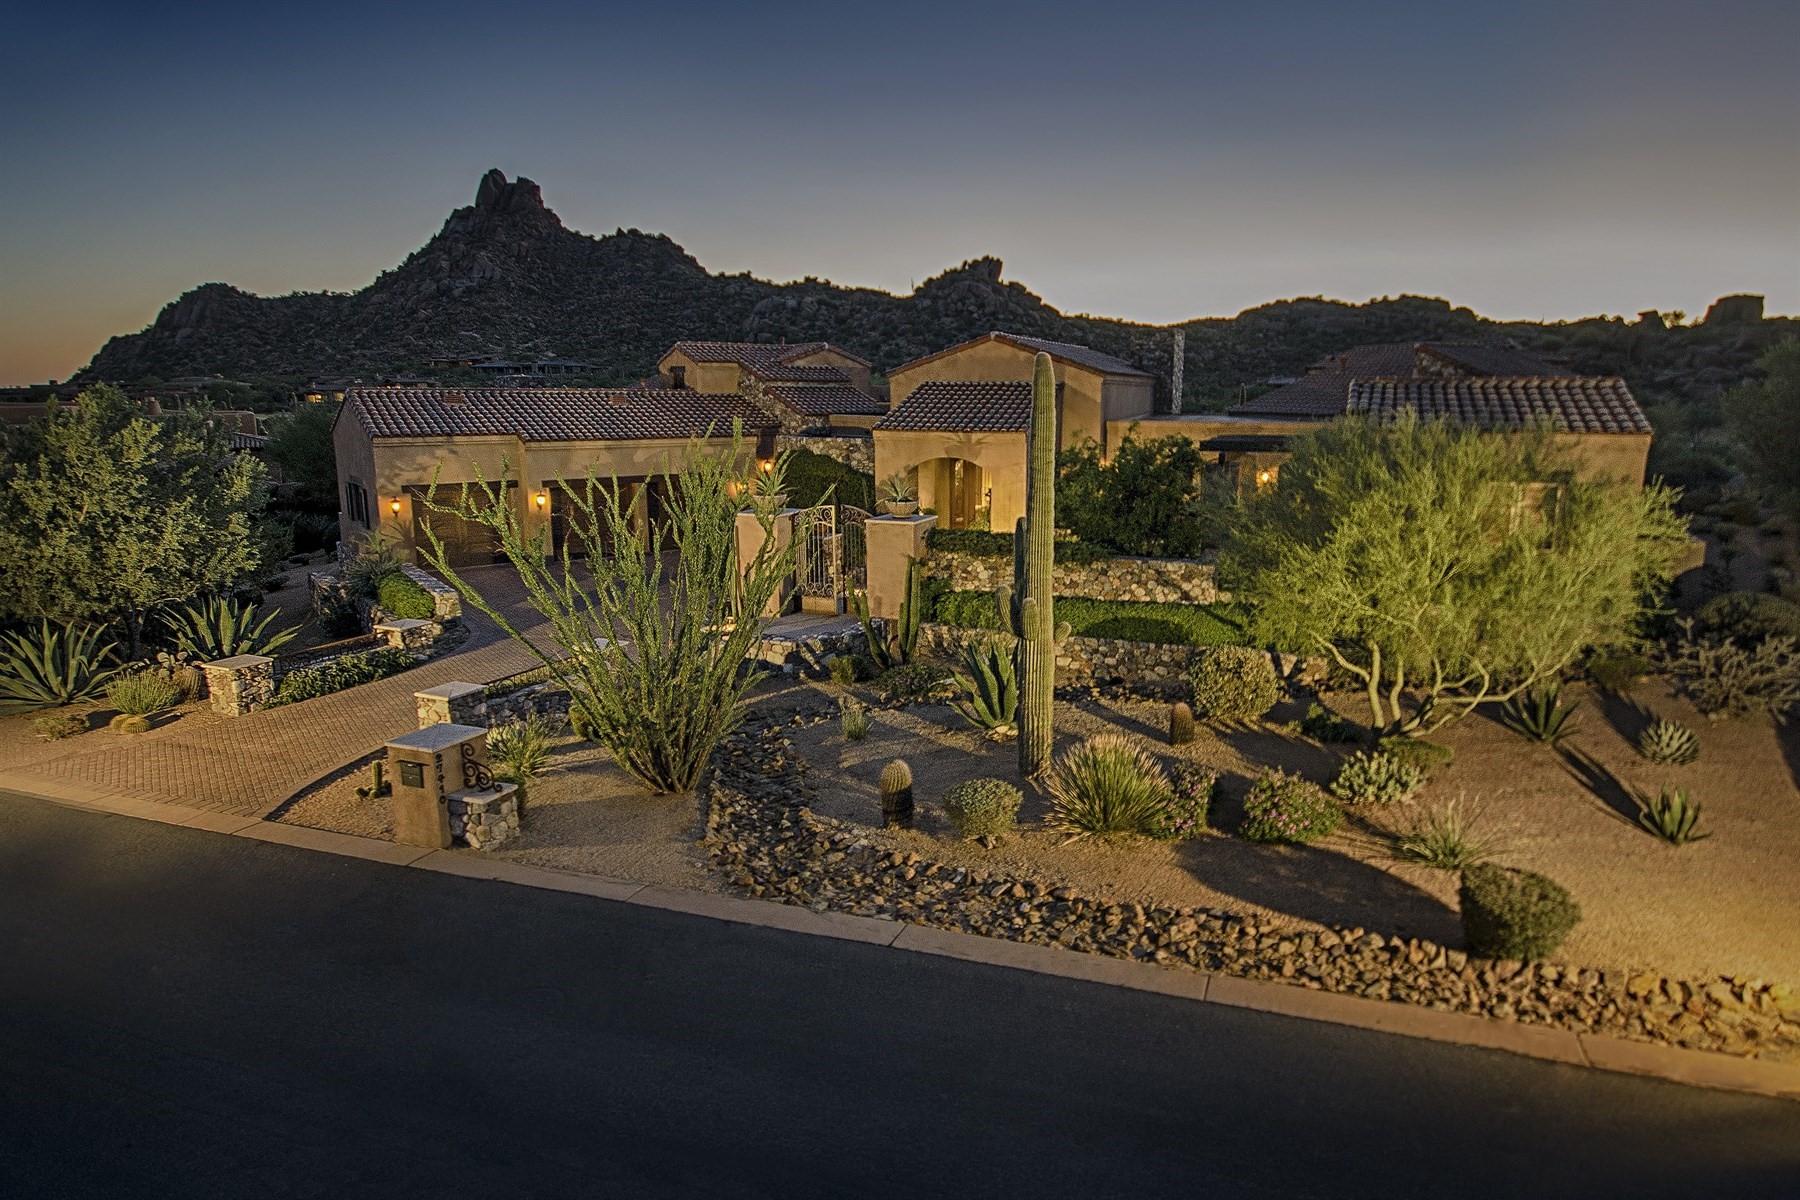 Einfamilienhaus für Verkauf beim Stunning Tuscan design with unobstructed views 27410 N 103rd Street Scottsdale, Arizona, 85262 Vereinigte Staaten